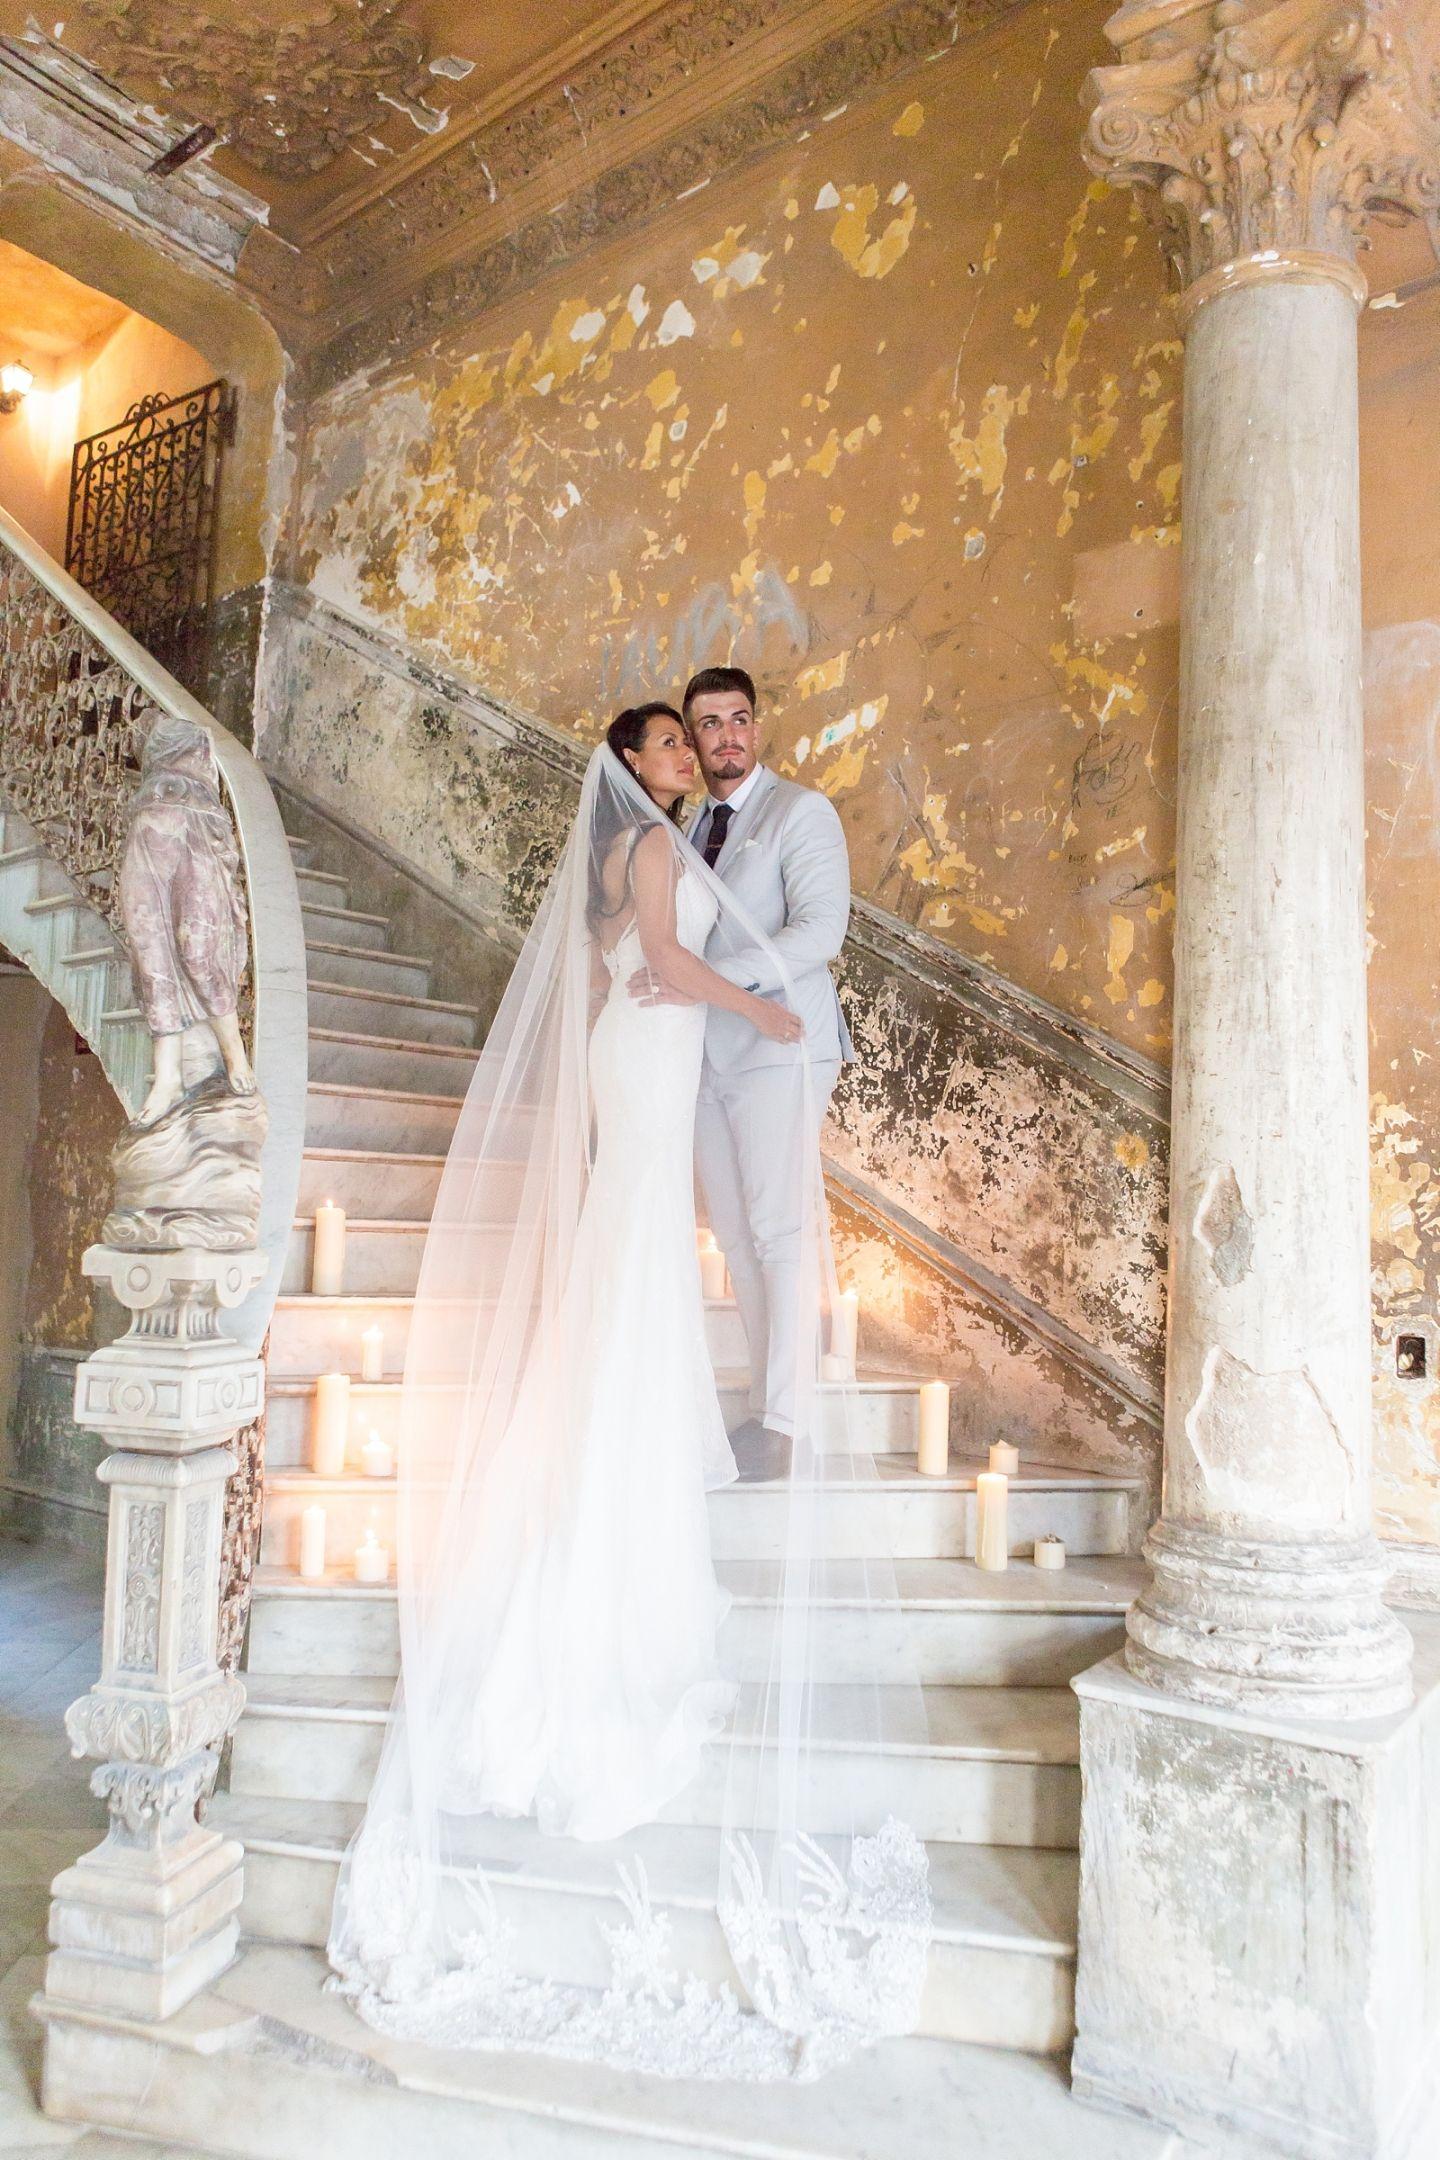 Amazing Wedding Venues in Cuba, Unique Wedding Destinations by ...